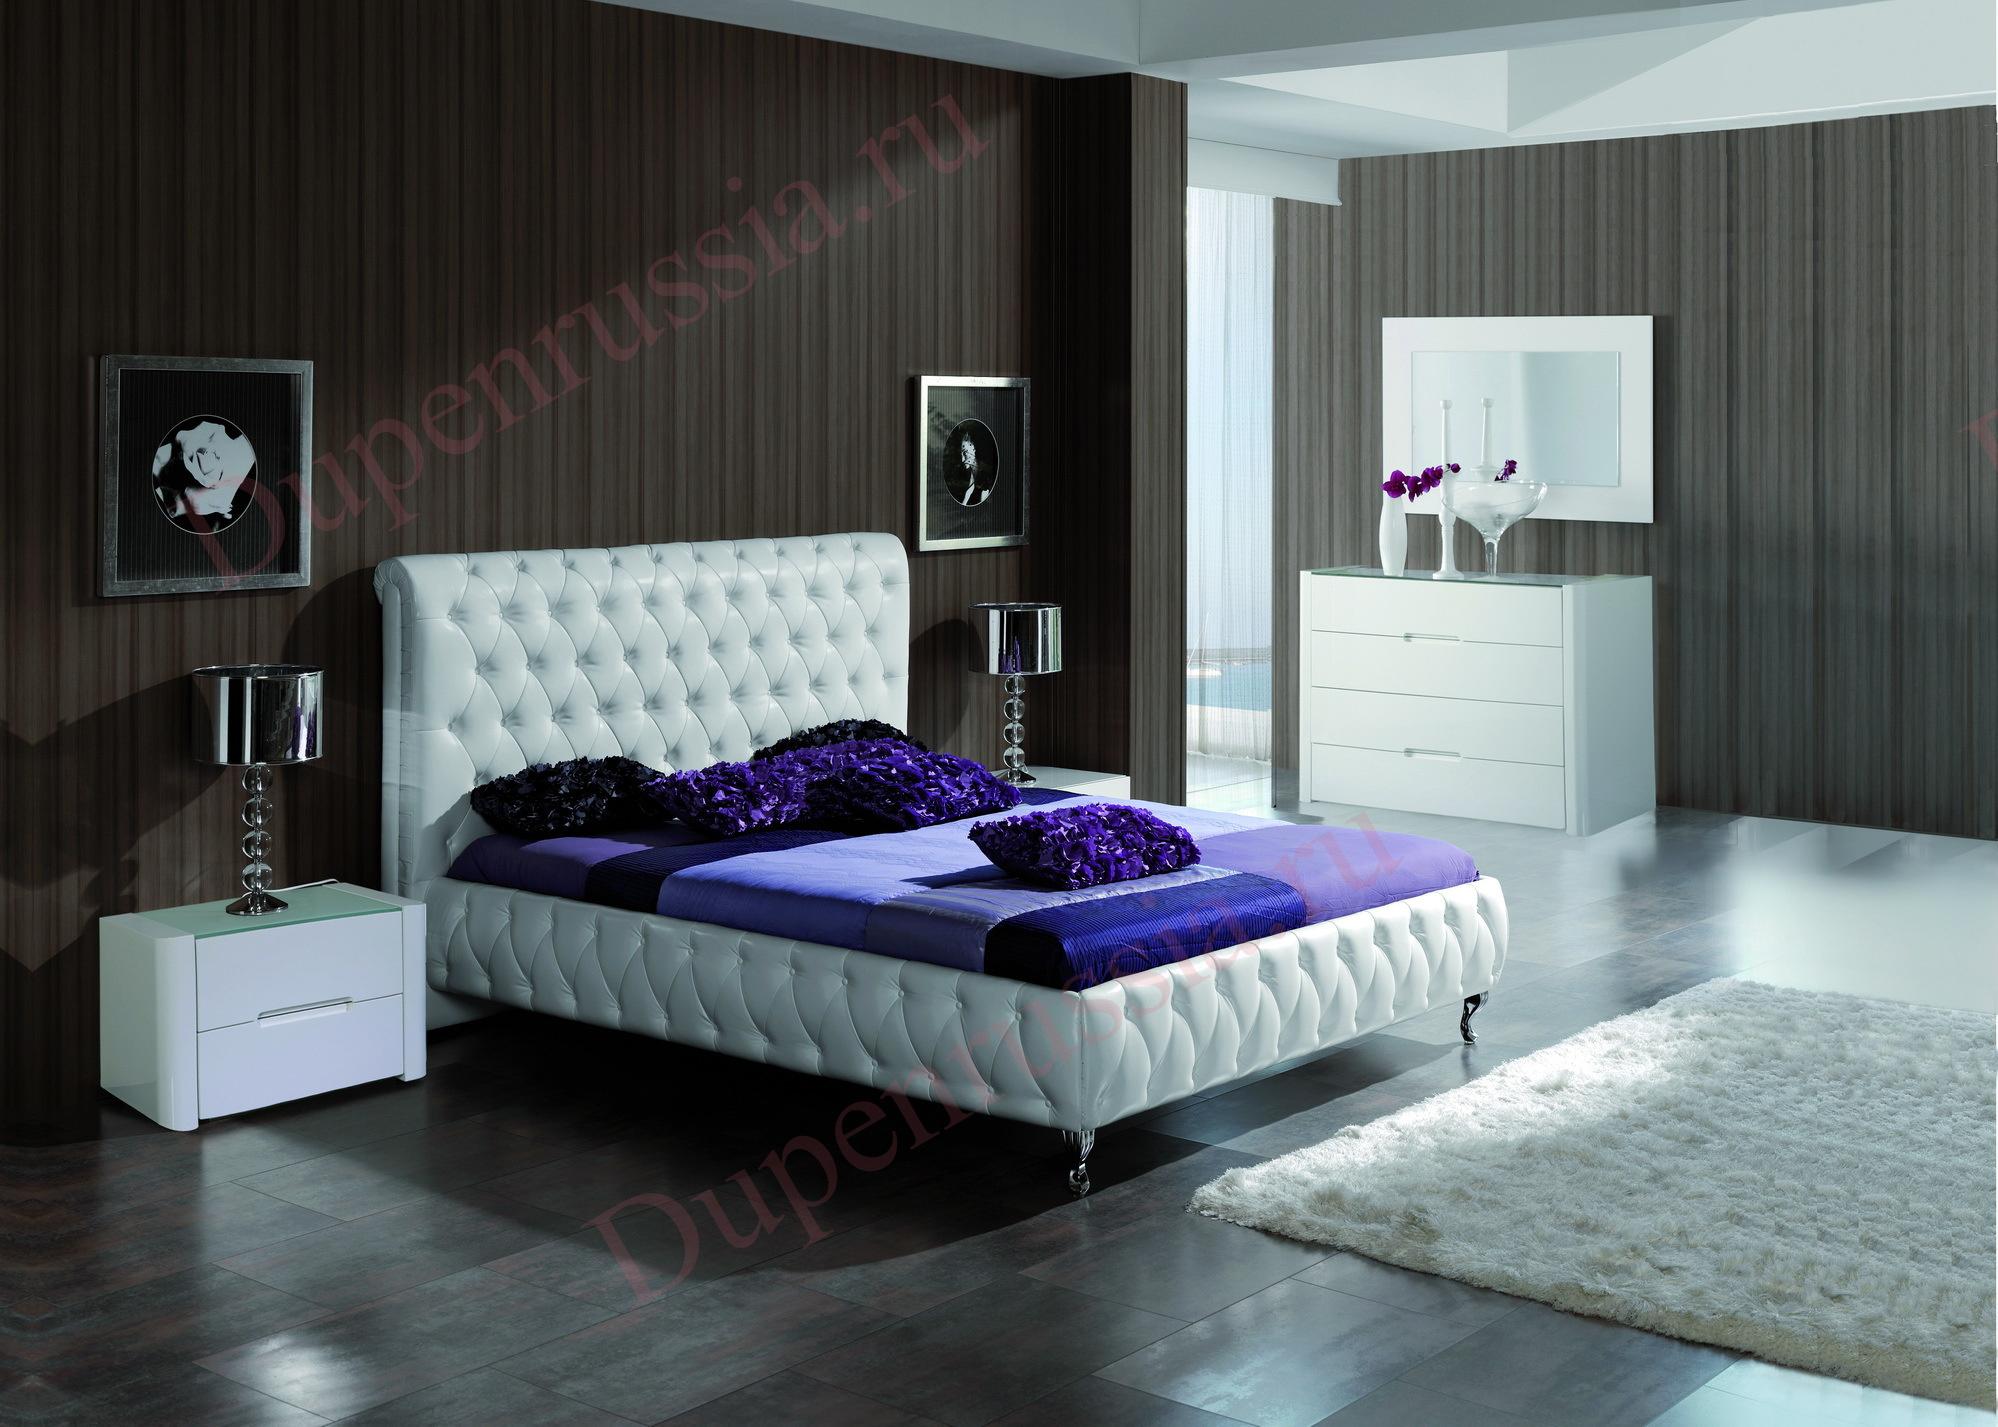 Кровать DUPEN 629 ADRIANA, Тумбочка M-110, Комод C-110, Зеркало E-96